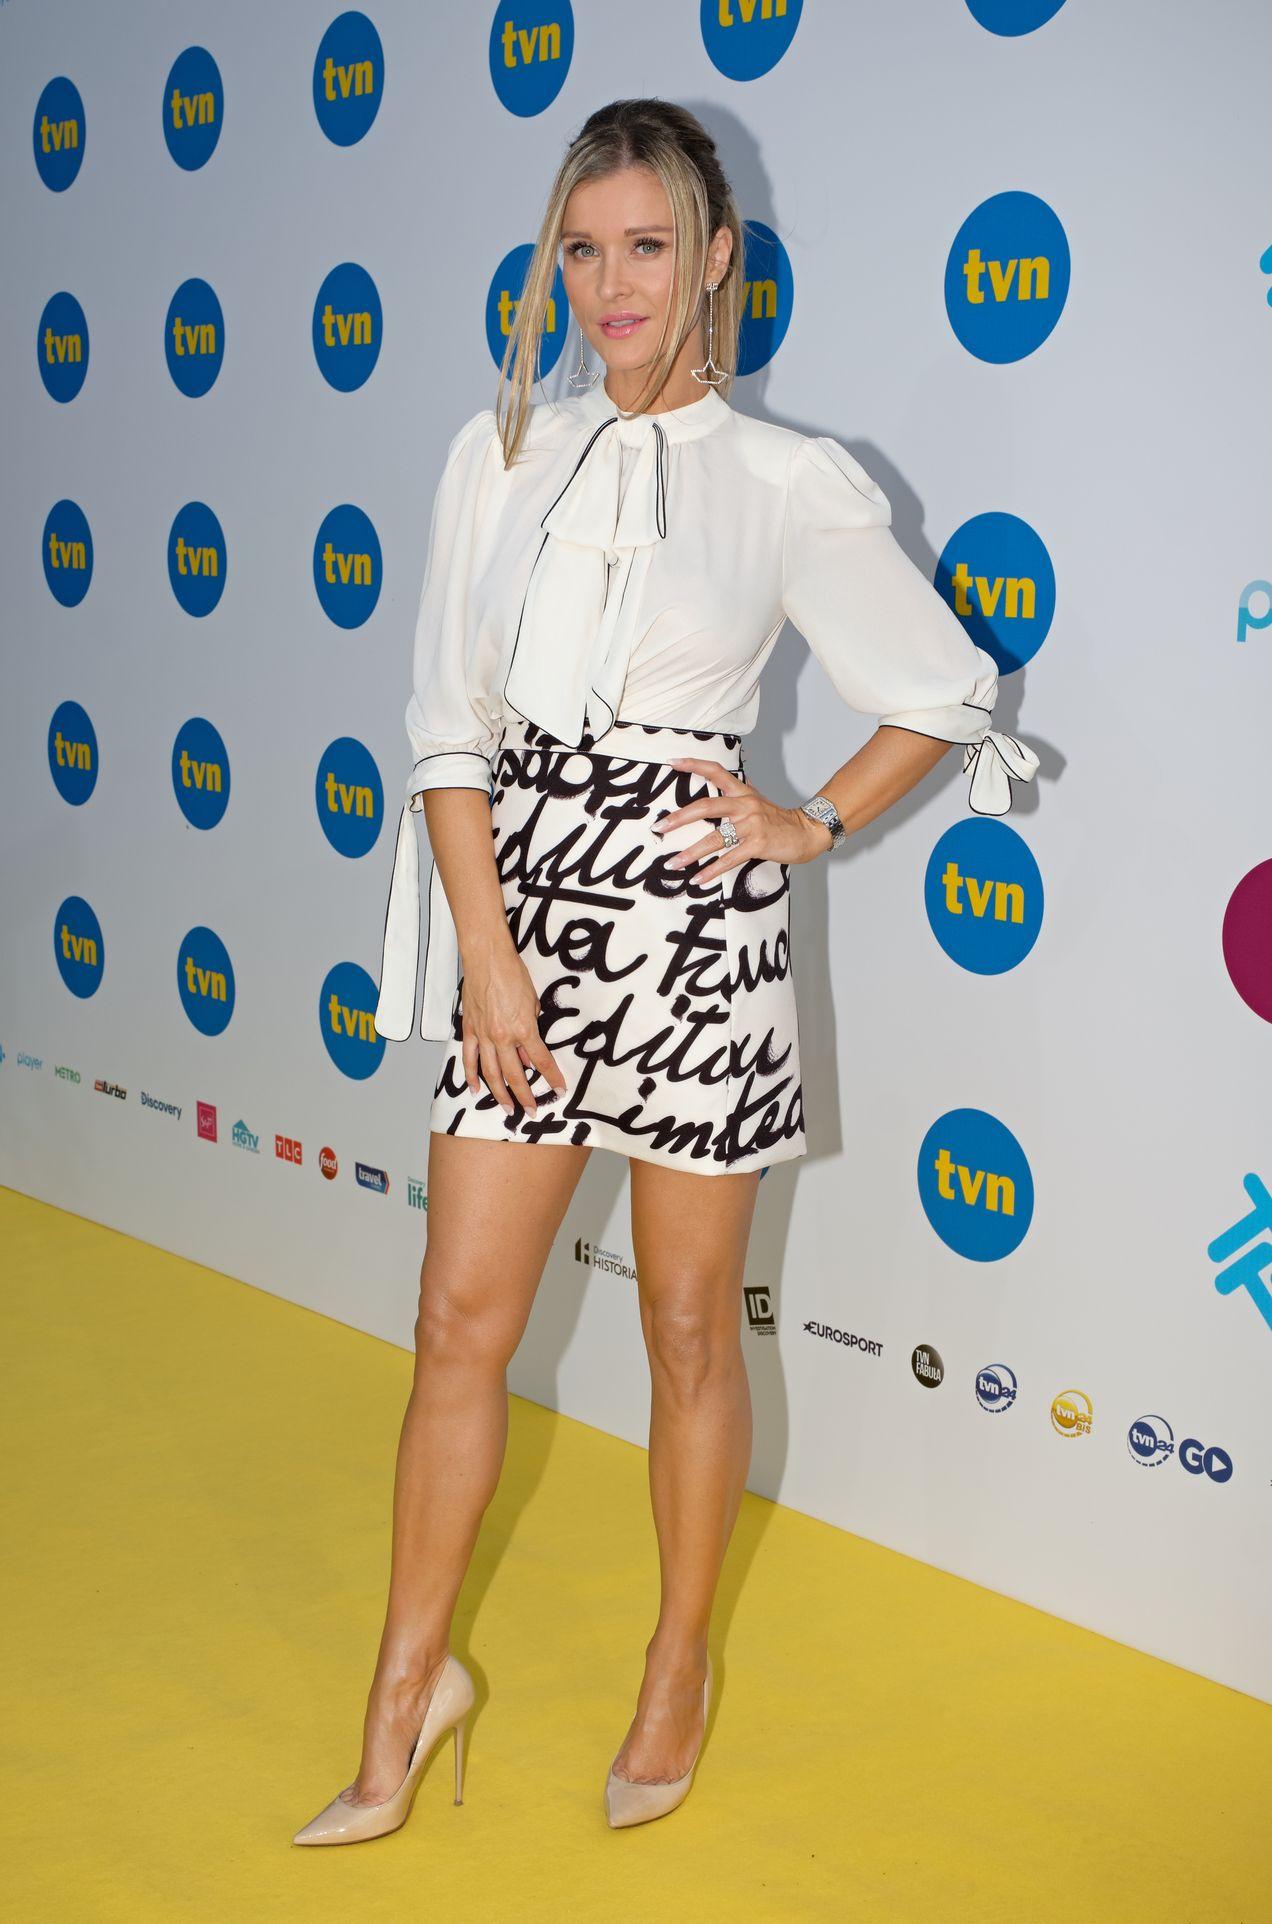 Joanna Krupa na ściance TVN